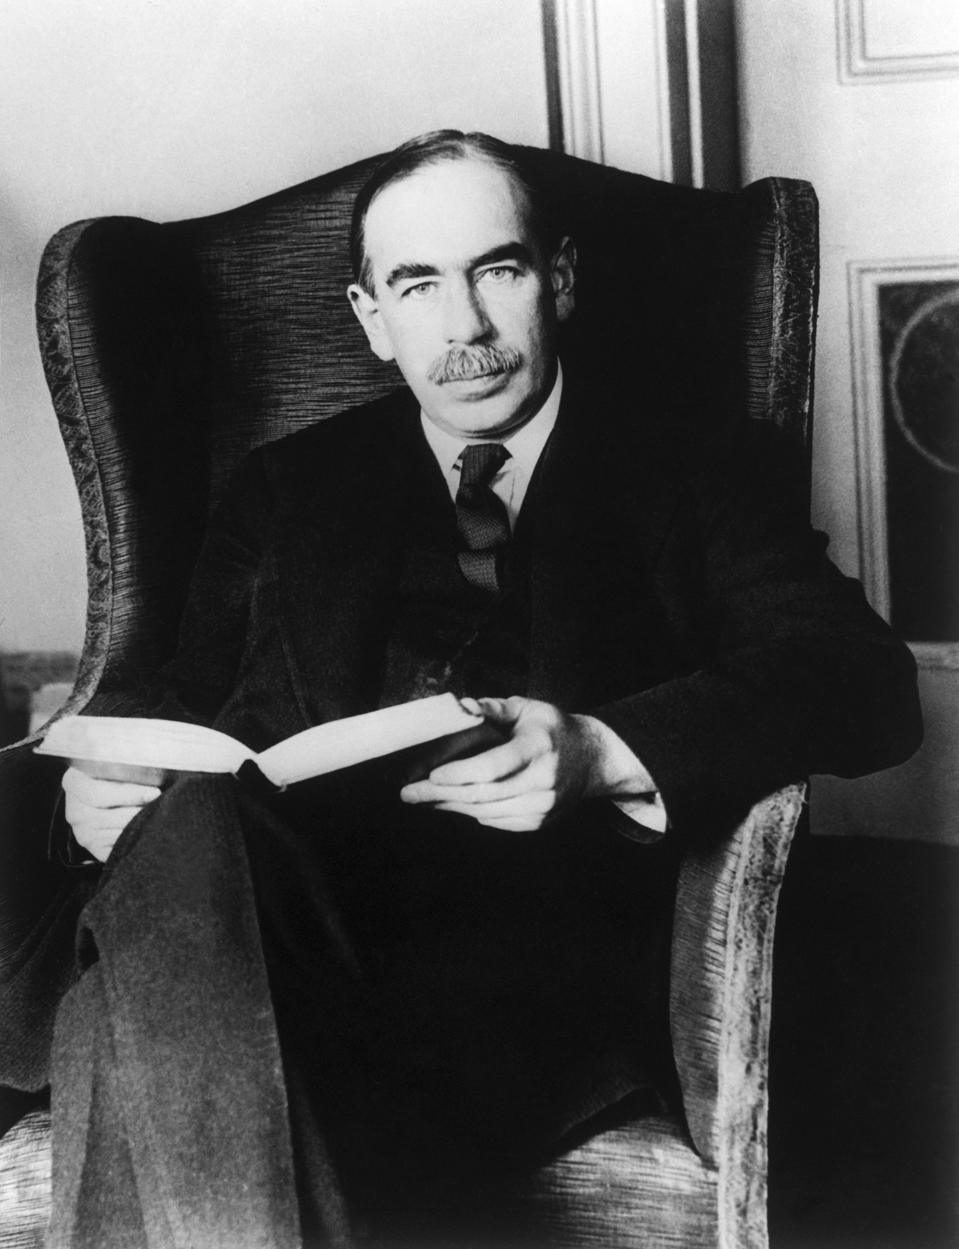 The 15-hour Work Week: Keynes And AOC Disagree